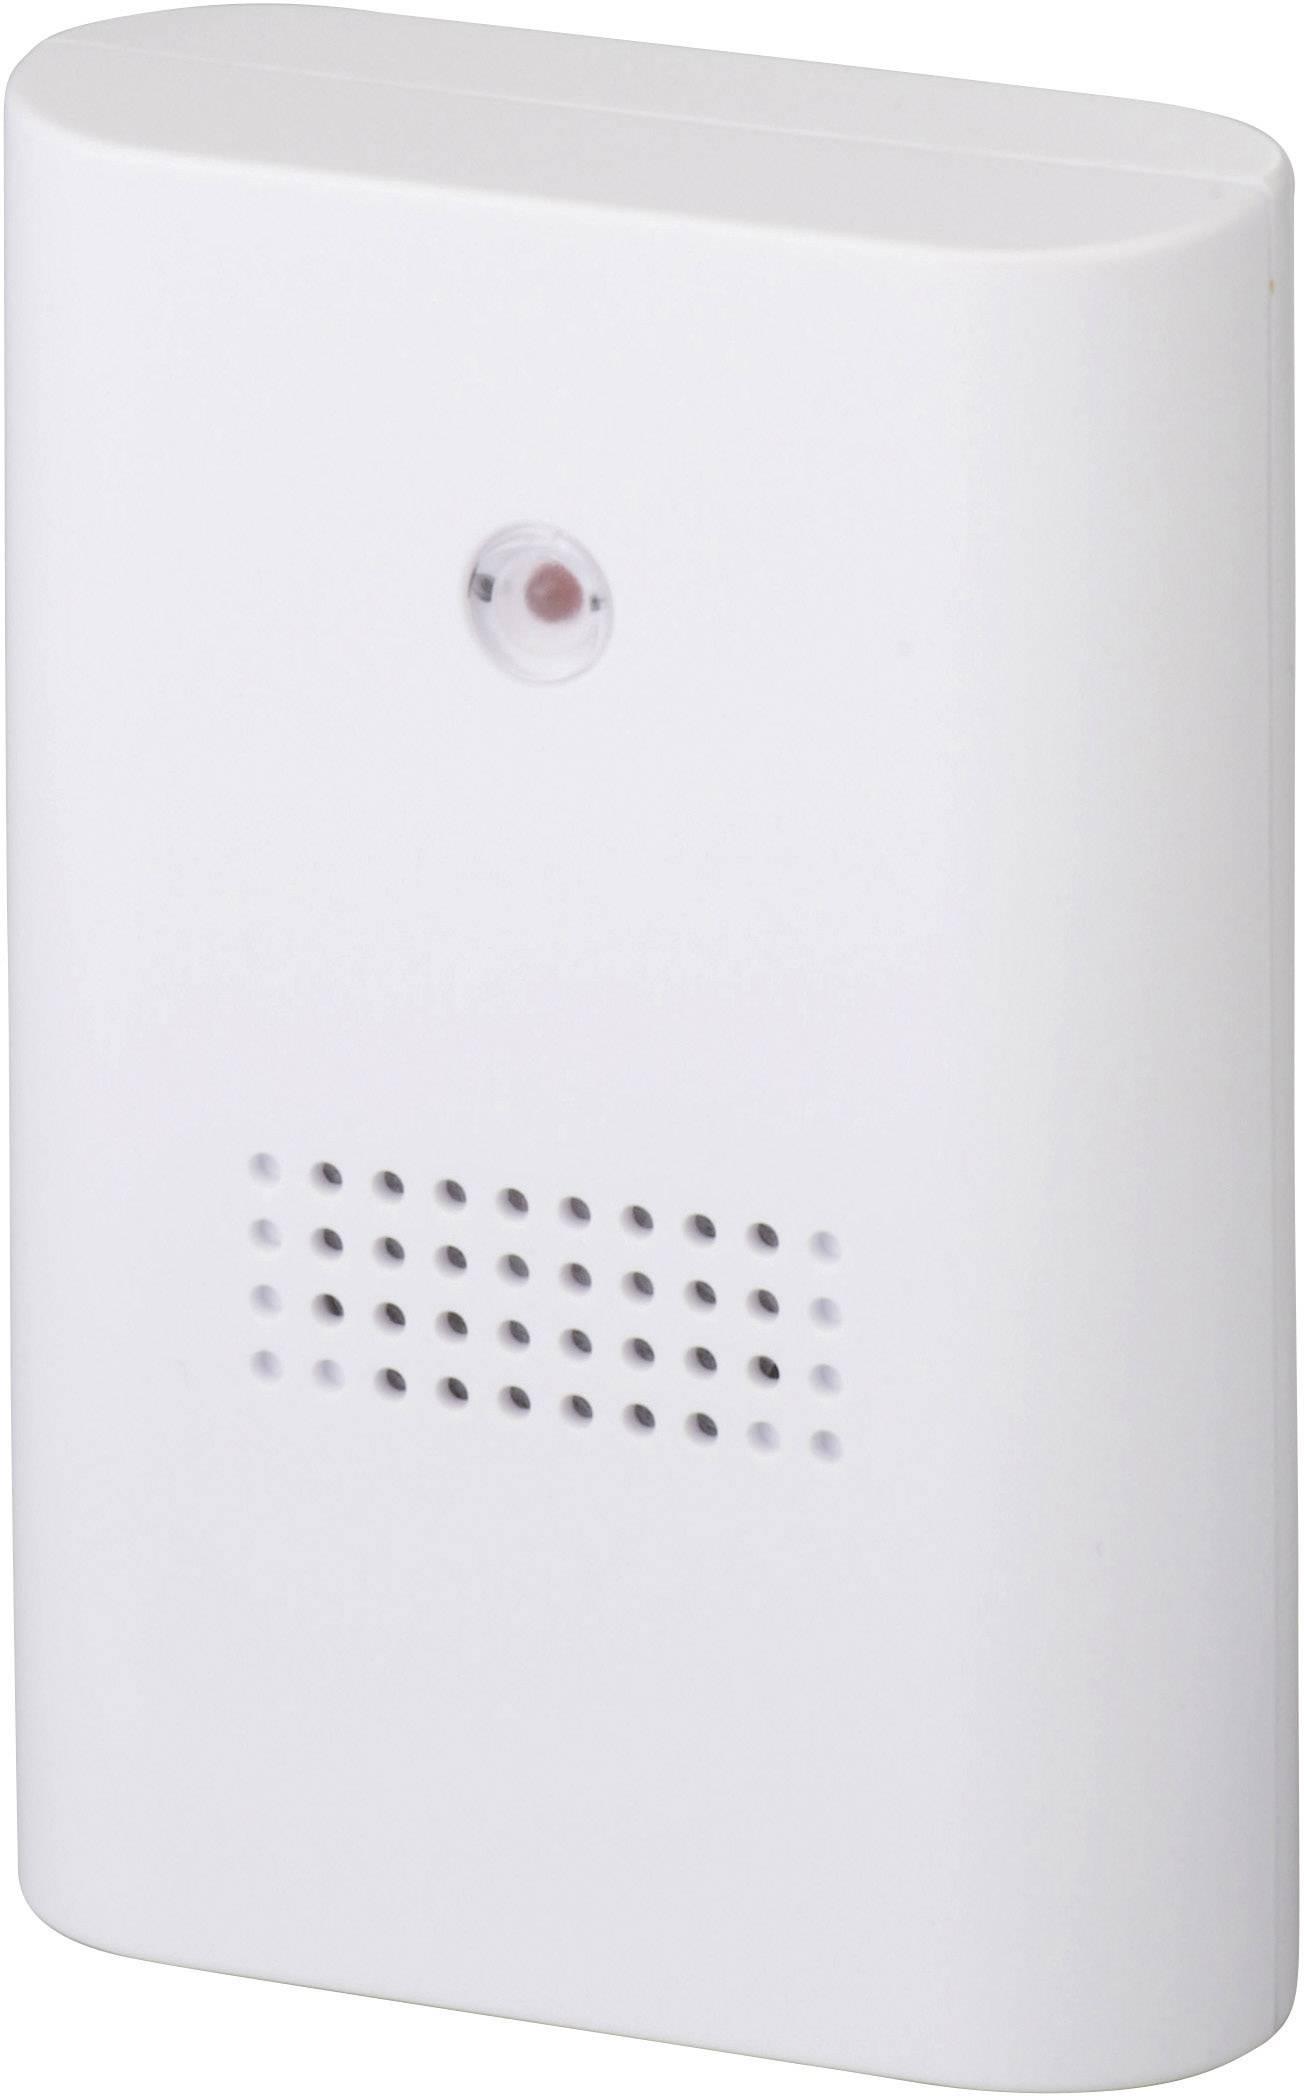 Bezdrôtový zvonček Heidemann HX One 70860, prijímač, biela